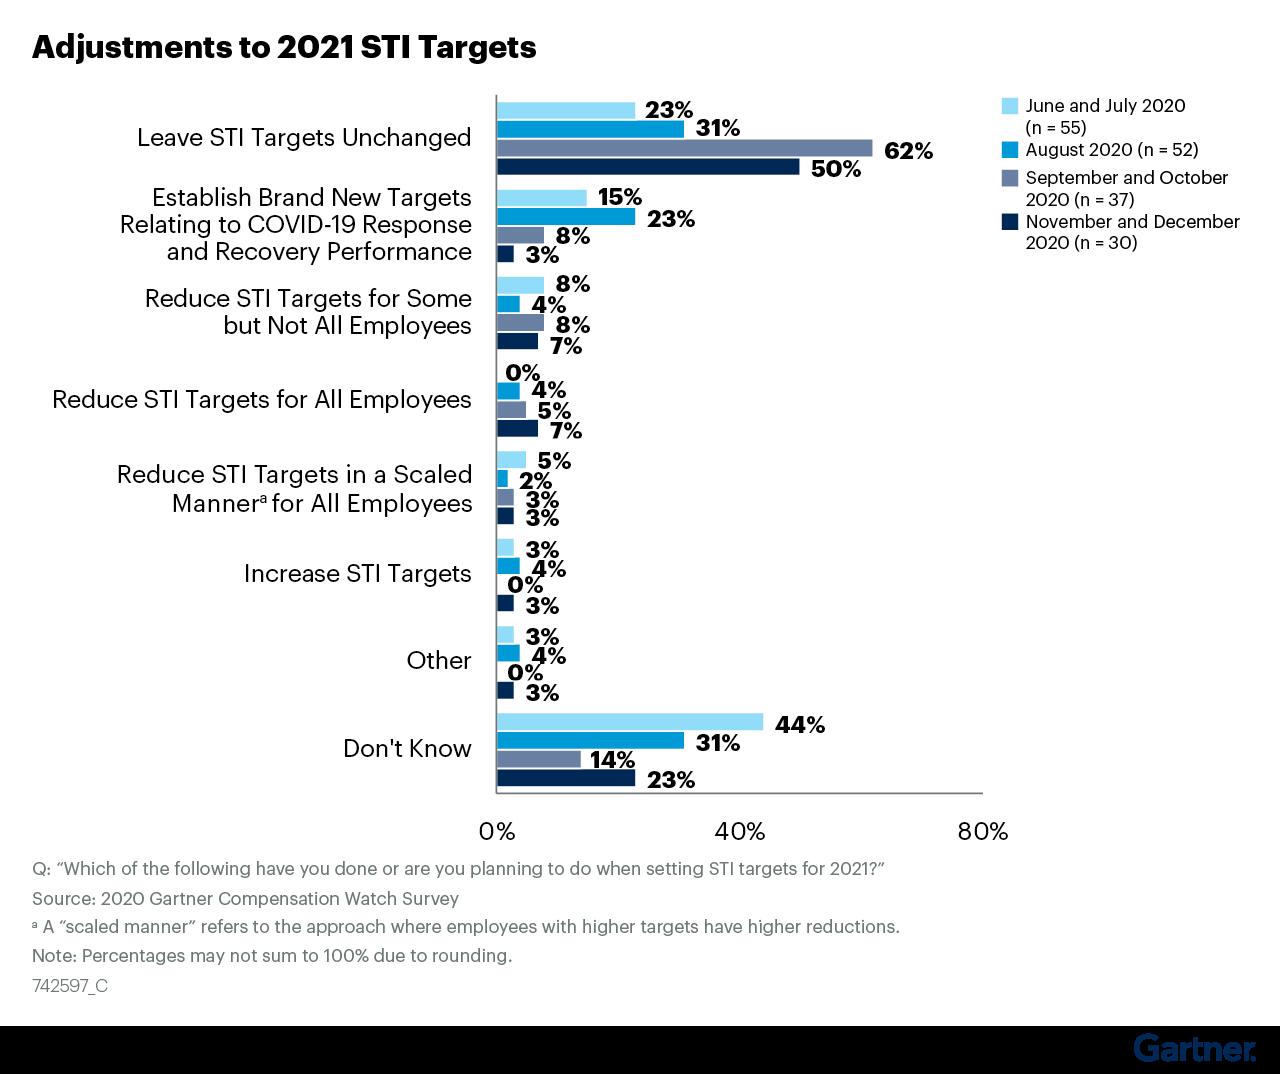 Figure 11: Adjustments to 2021 STI Targets